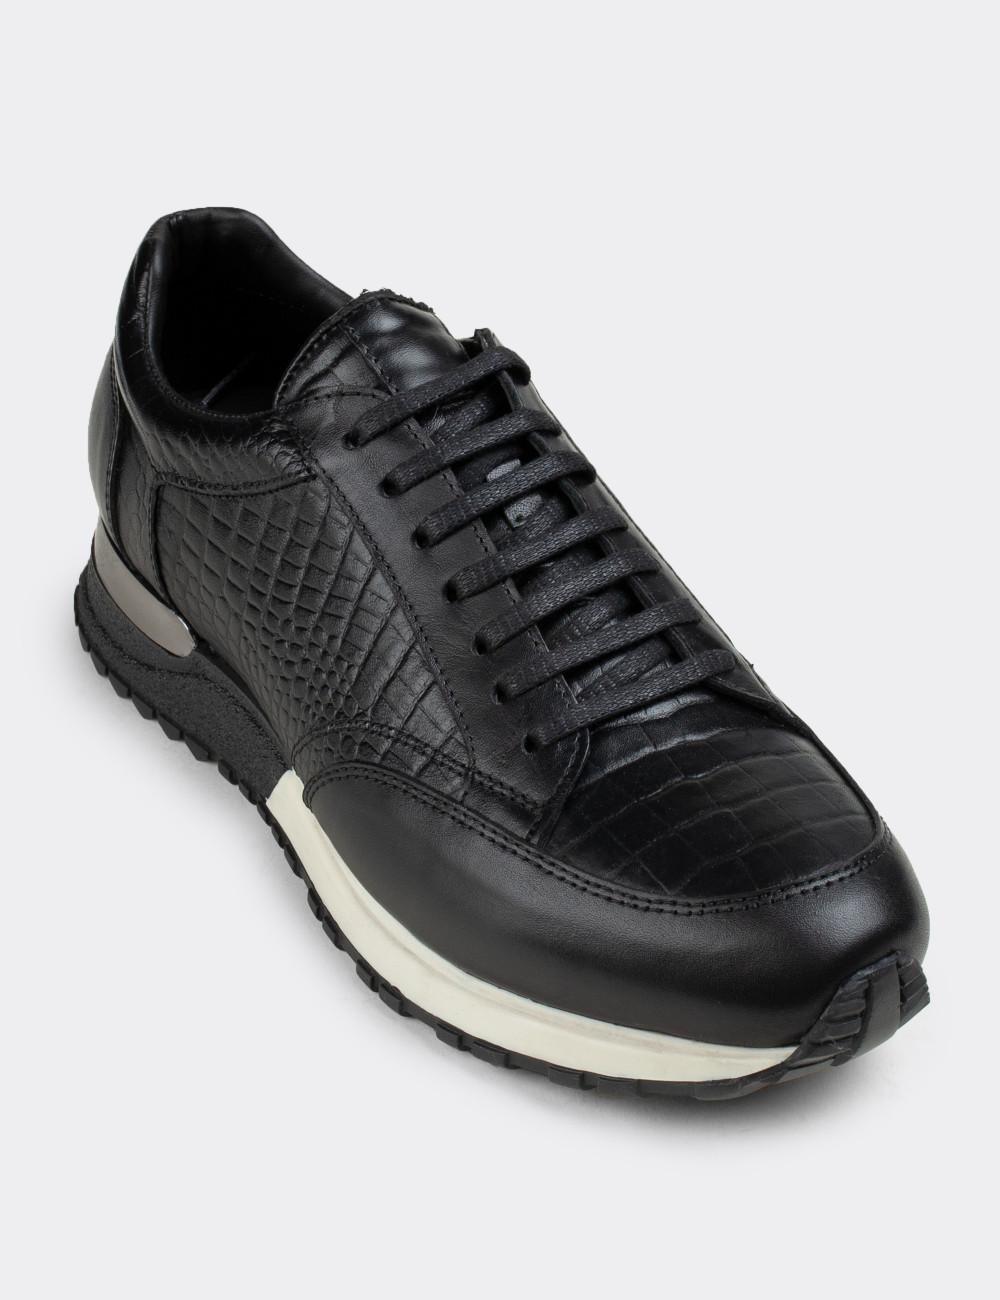 Hakiki Deri Siyah Spor Erkek Ayakkabı - 01632MSYHT02